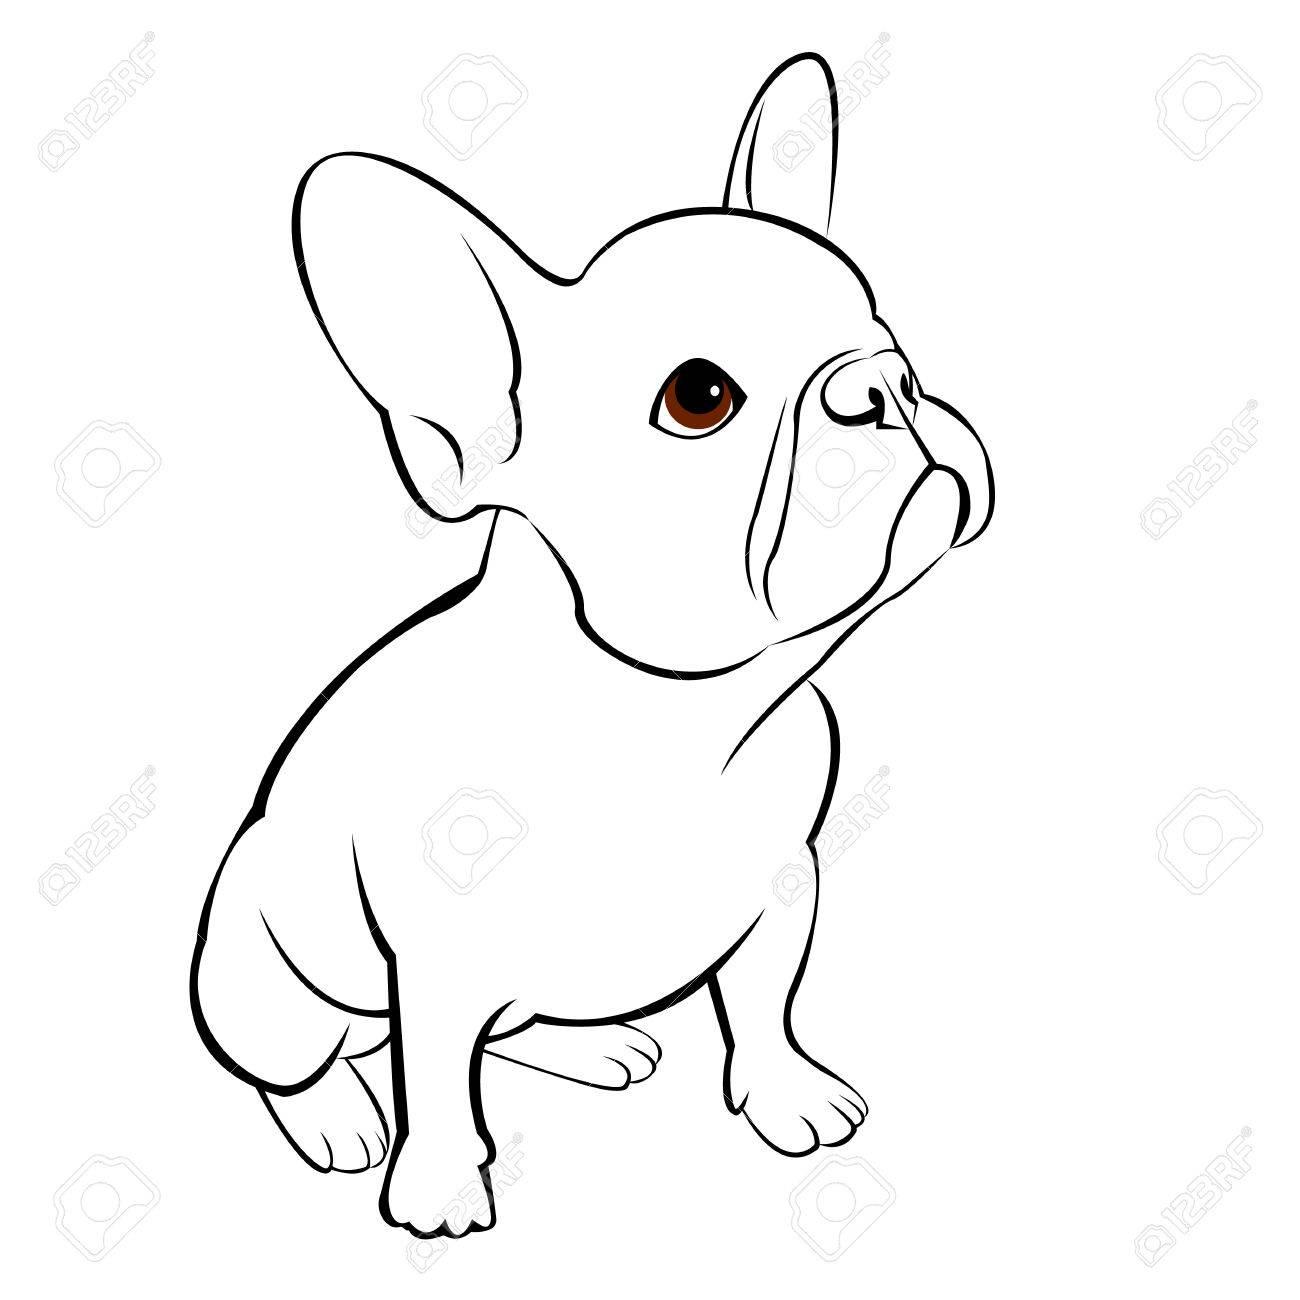 Bulldog Chien Animal Francais Vecteur Illustration Animal Familier Race Mignon Dessin Chiot Clip Art Libres De Droits Vecteurs Et Illustration Image 74774900